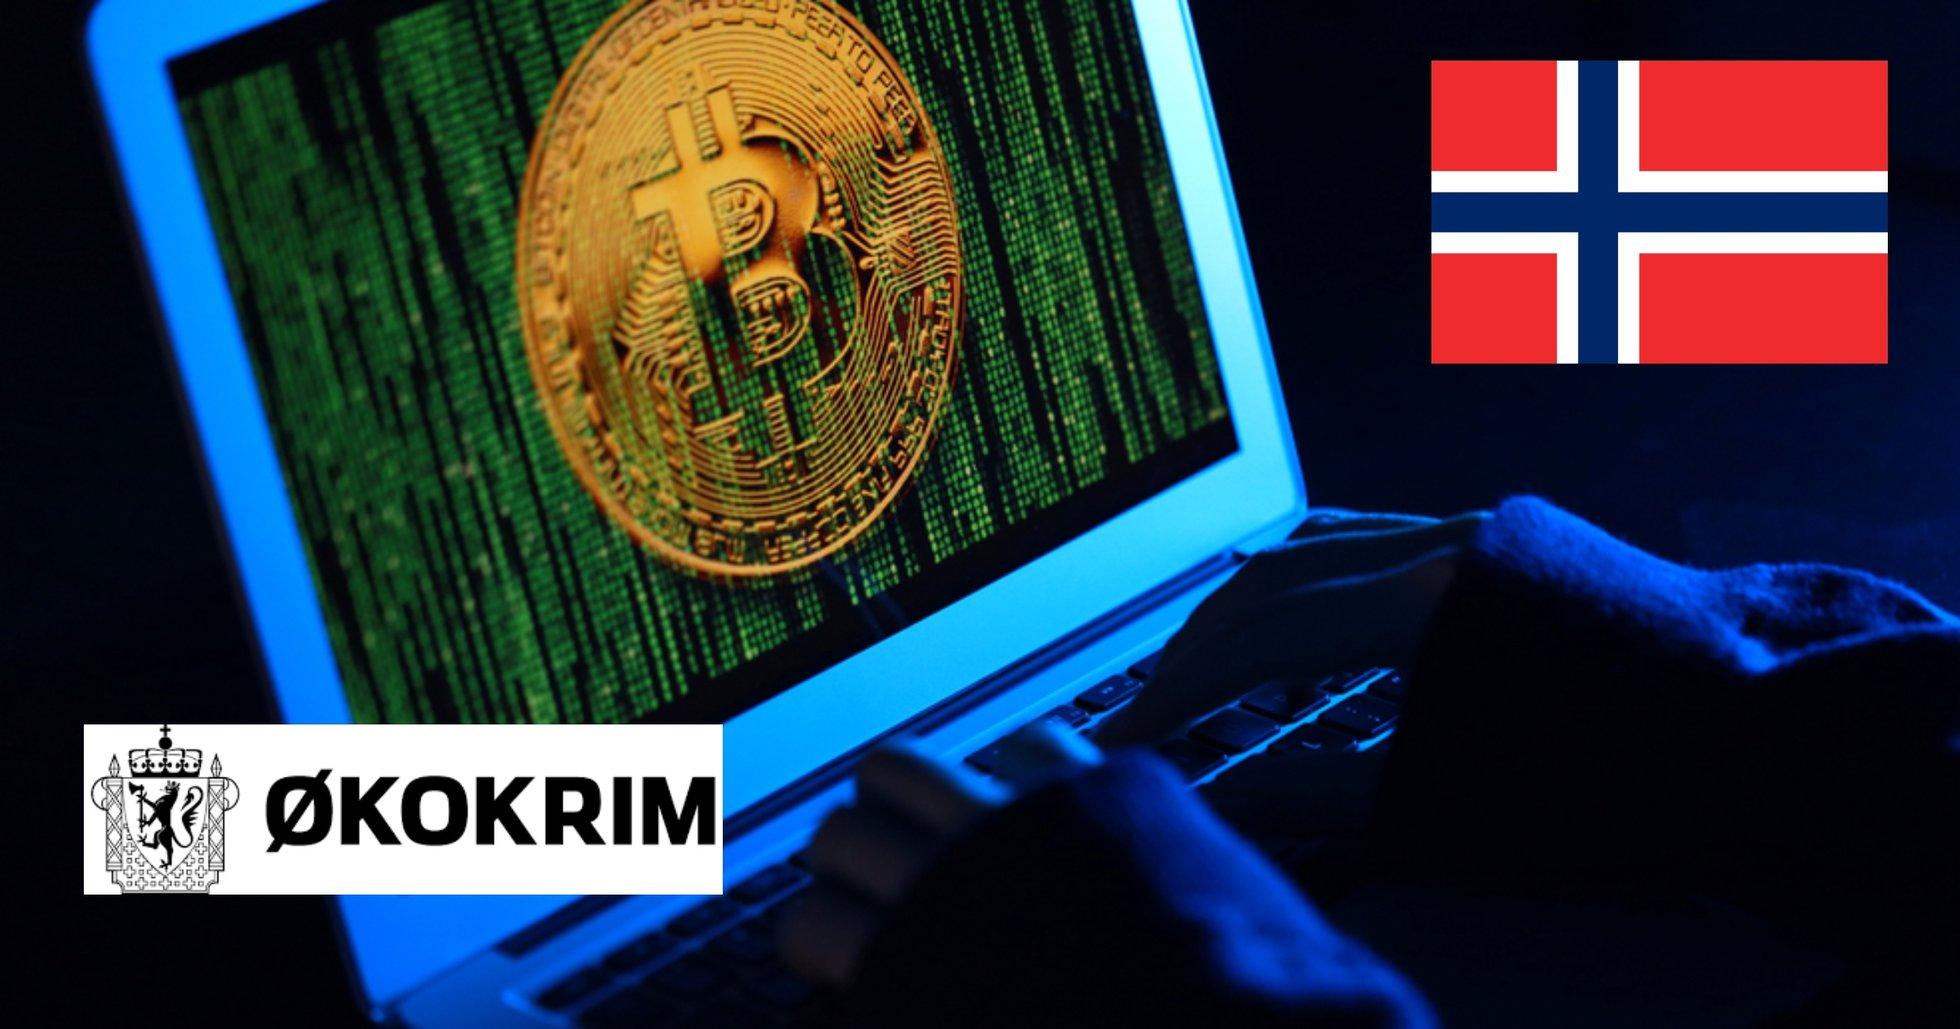 Norge har över 10 oregistrerade kryptoväxlare som används av kriminella